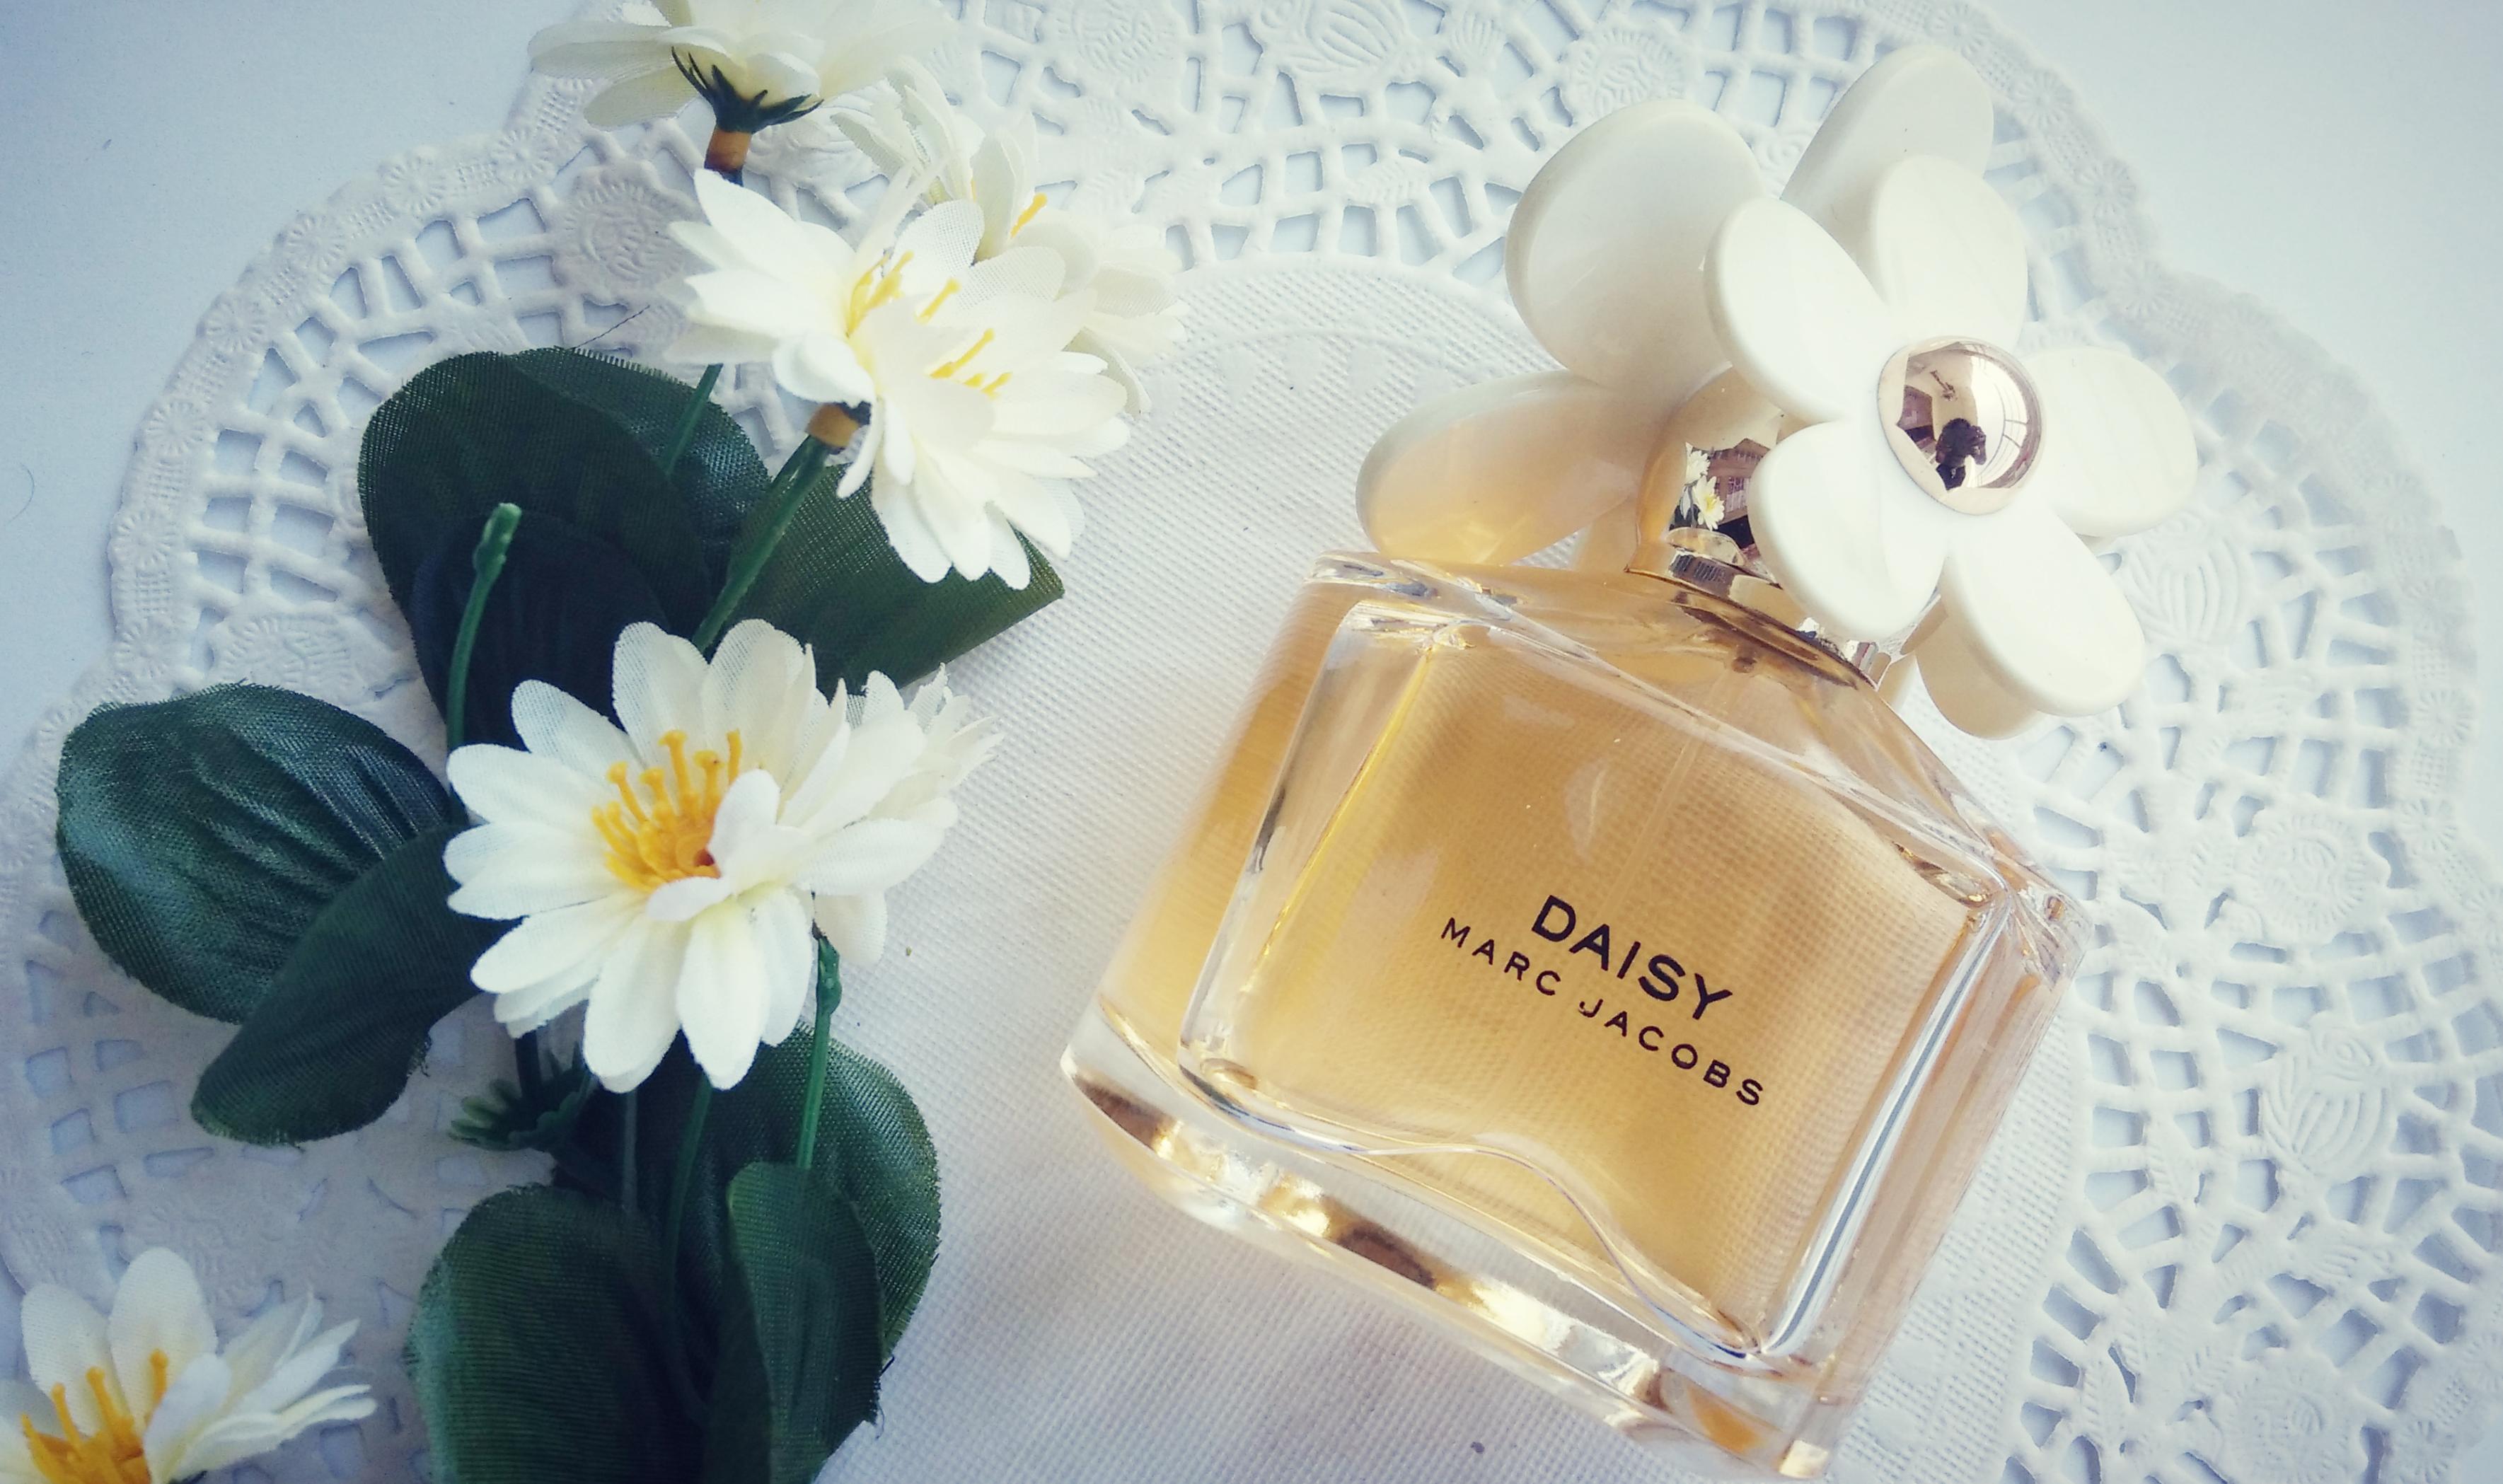 Marc Jacobs Eau de Toilette – Daisy